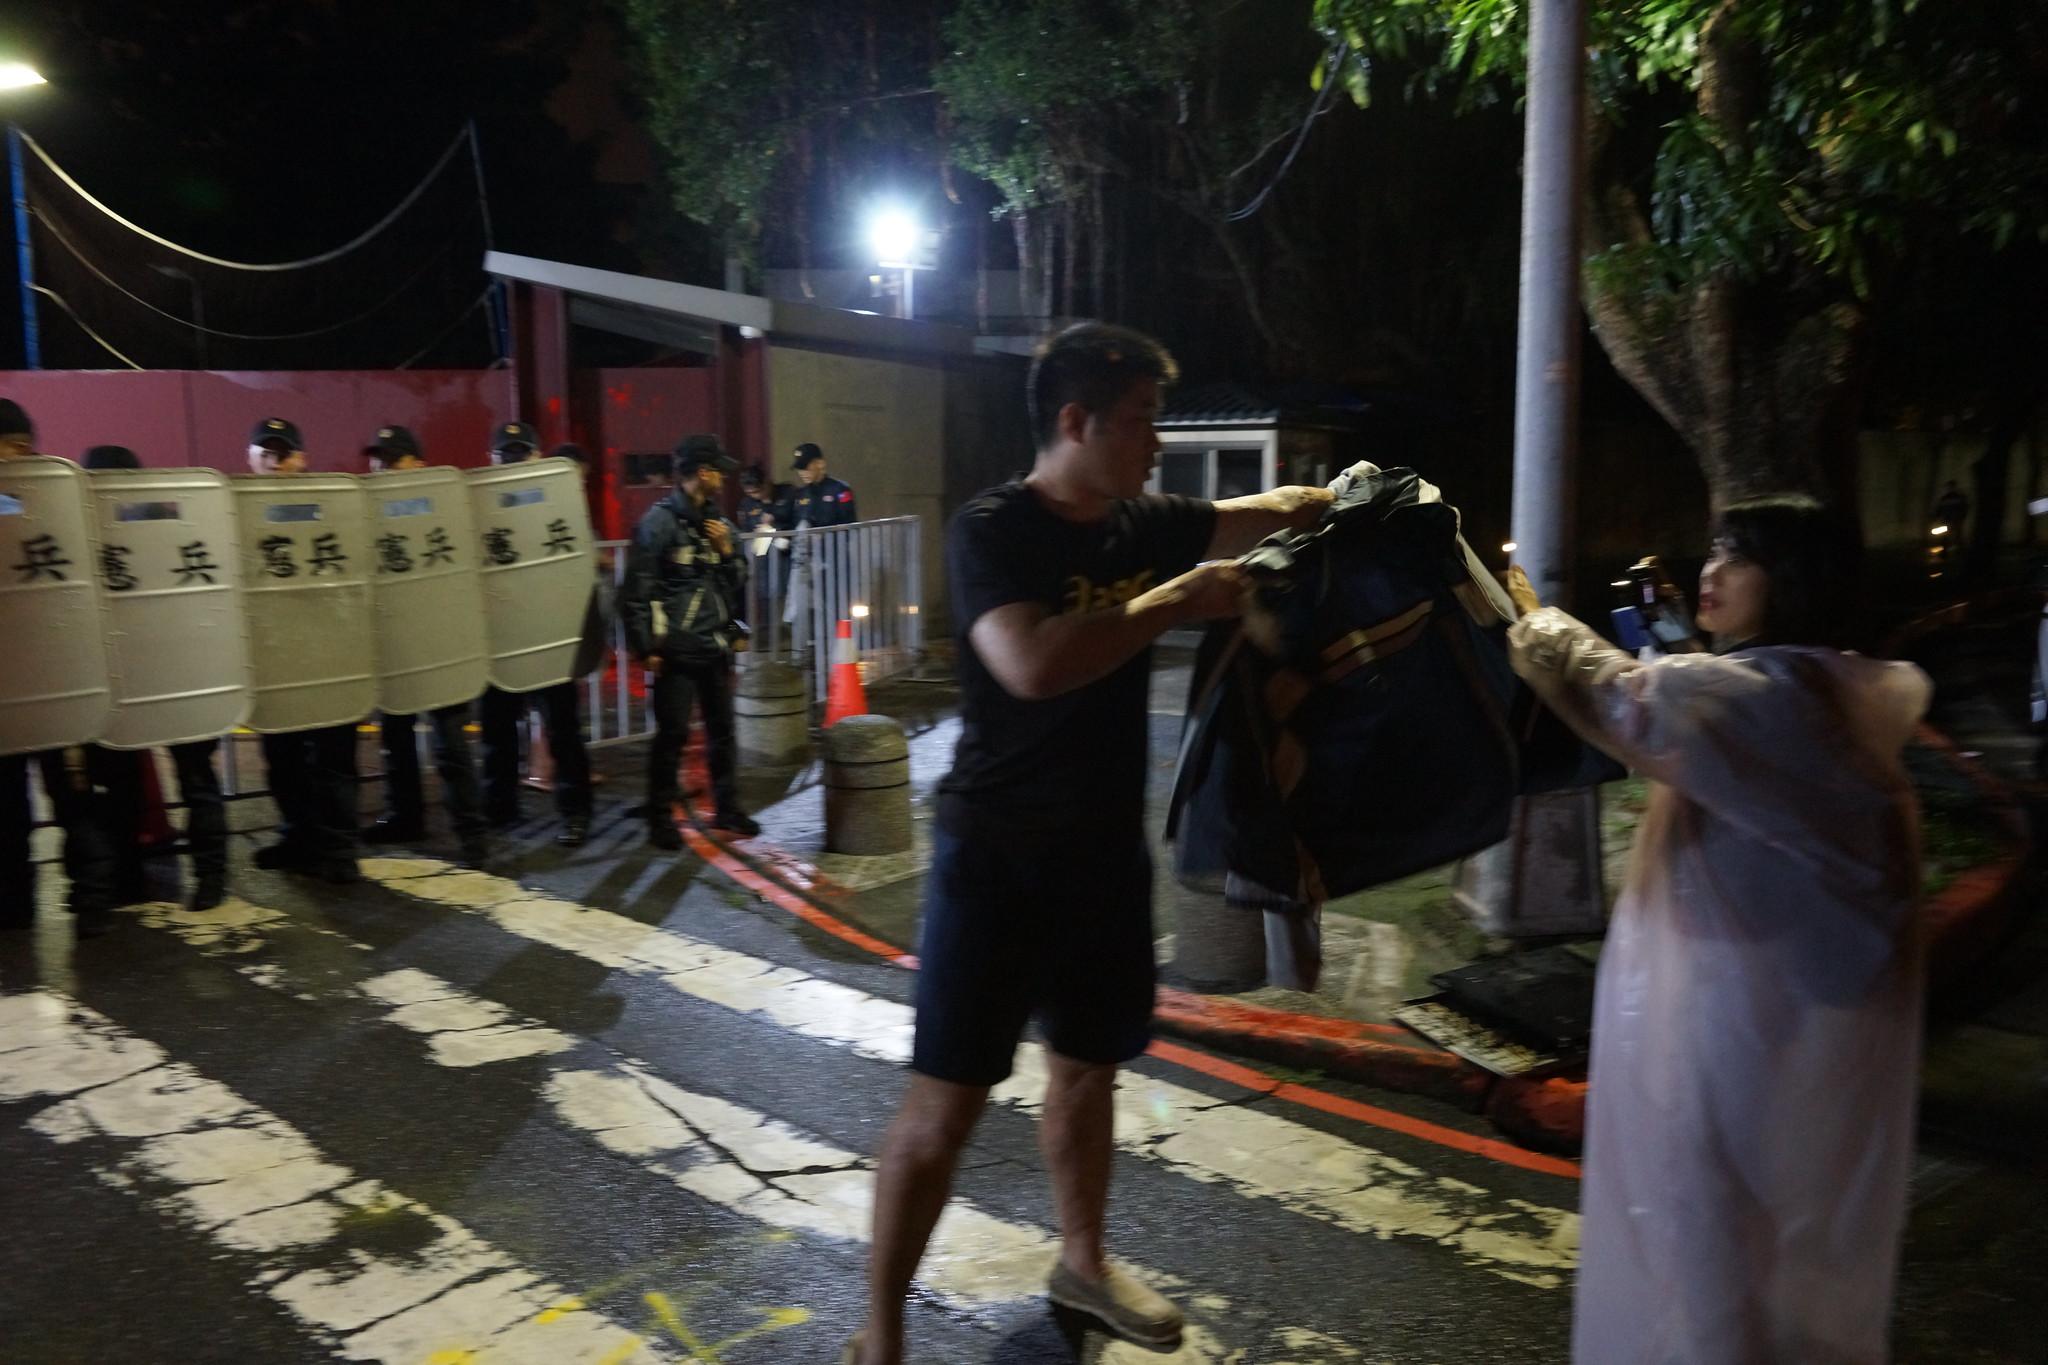 昨日才有《風傳媒》記者在採訪過程中遭脫離引發爭議,今日行動現場,憲警用外套阻擋拍攝,圖為公視記者採訪受阻畫面。(攝影:王顥中)